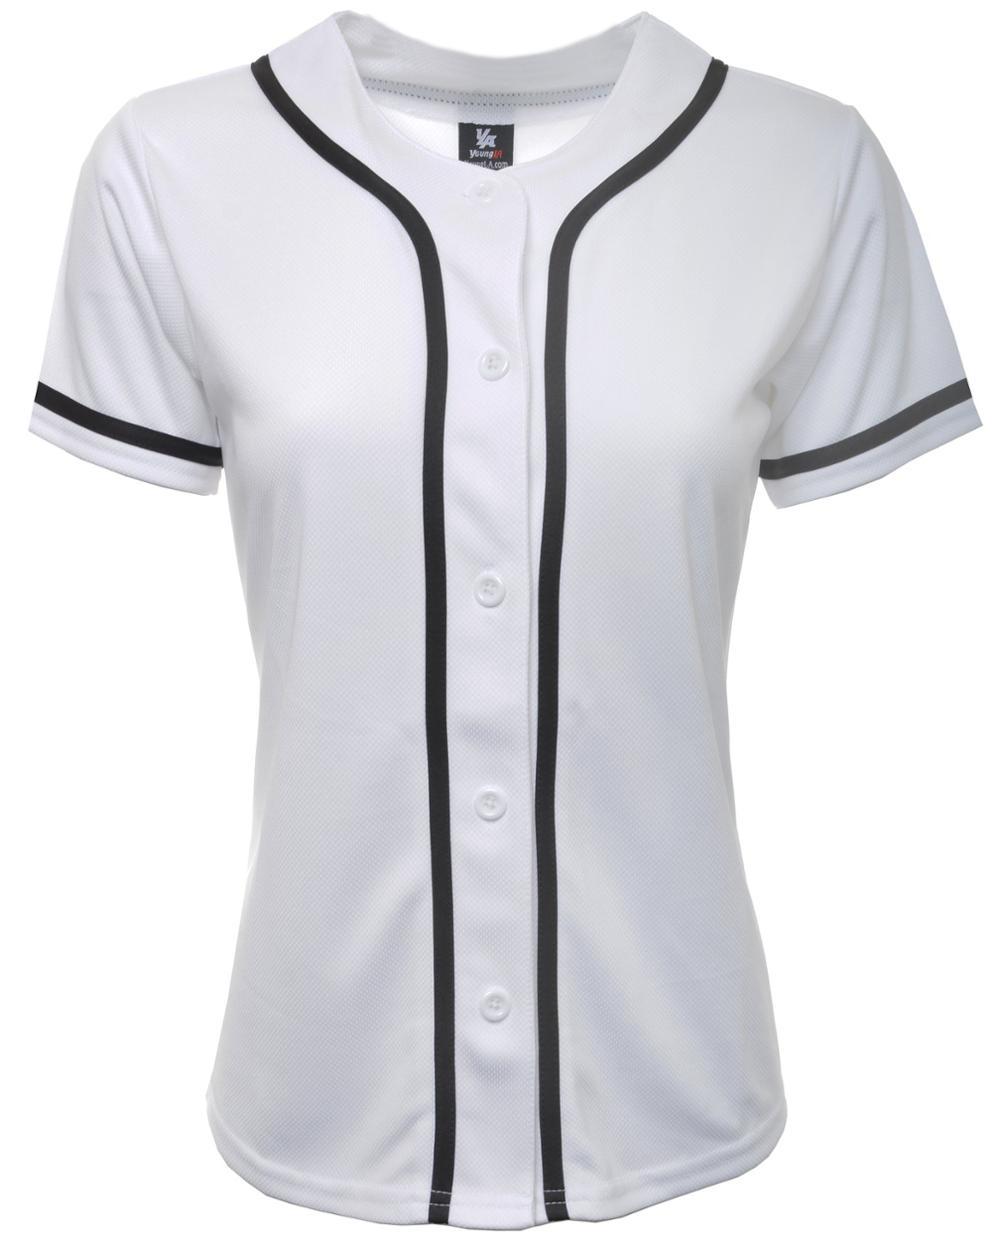 the latest 829f5 44578 2018 Plain White Women Baseball Jersey/ladies Dry Baseball Sports Jersey  Shirts/blank Baseball Shirts - Buy 2018 Plain White Women Baseball ...